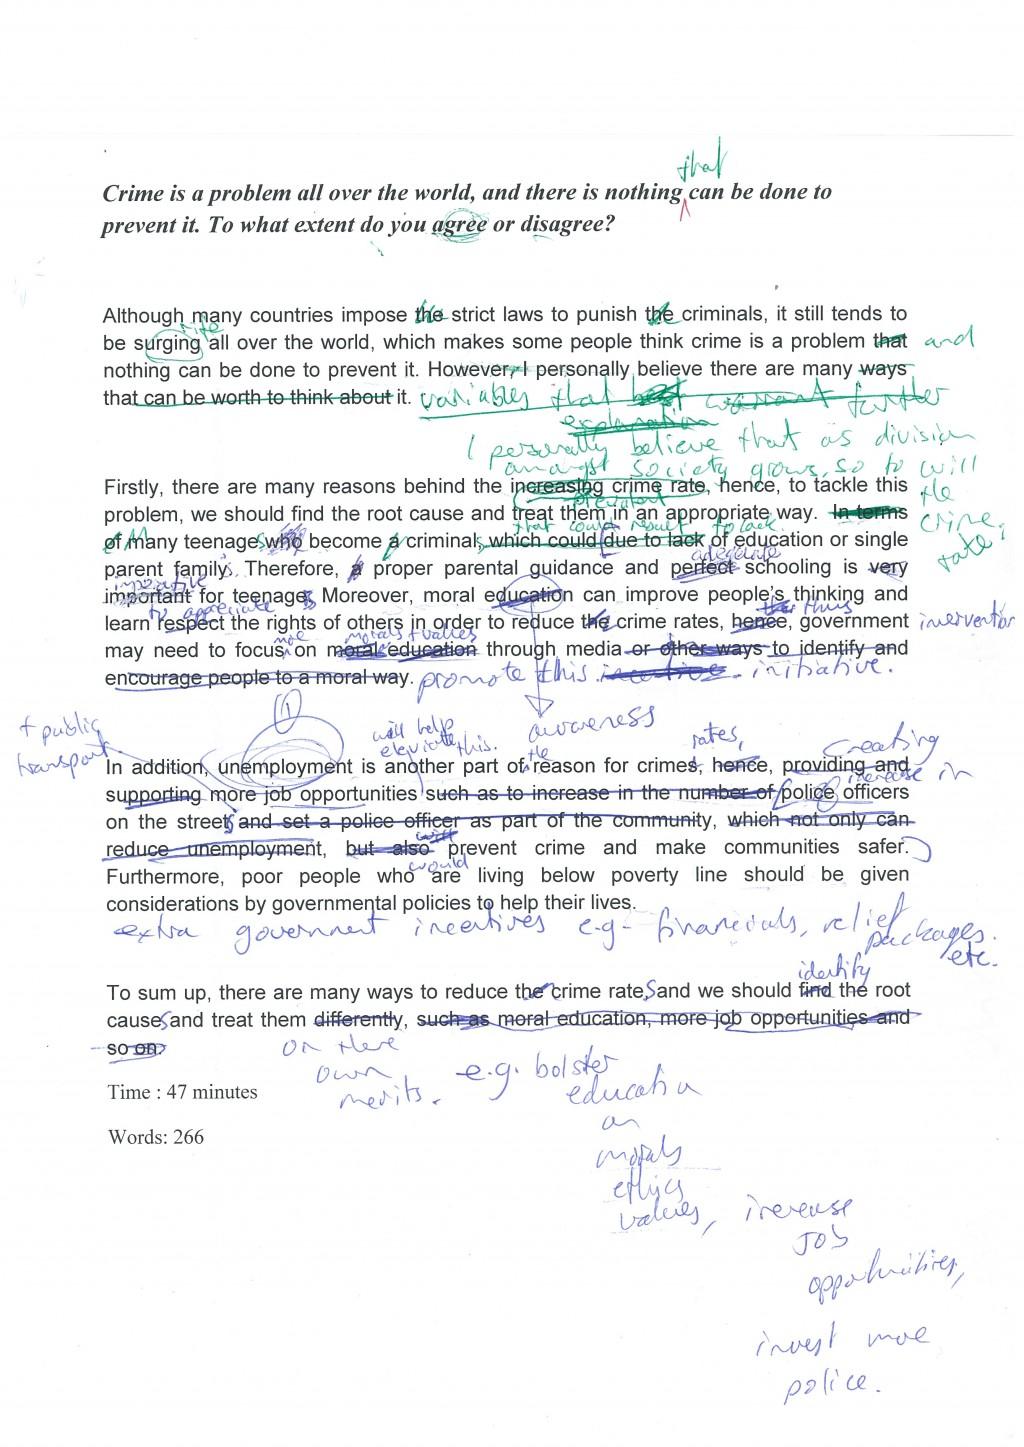 012 Essay Example Crime And Punishment Wondrous Outline Pdf Ielts Large